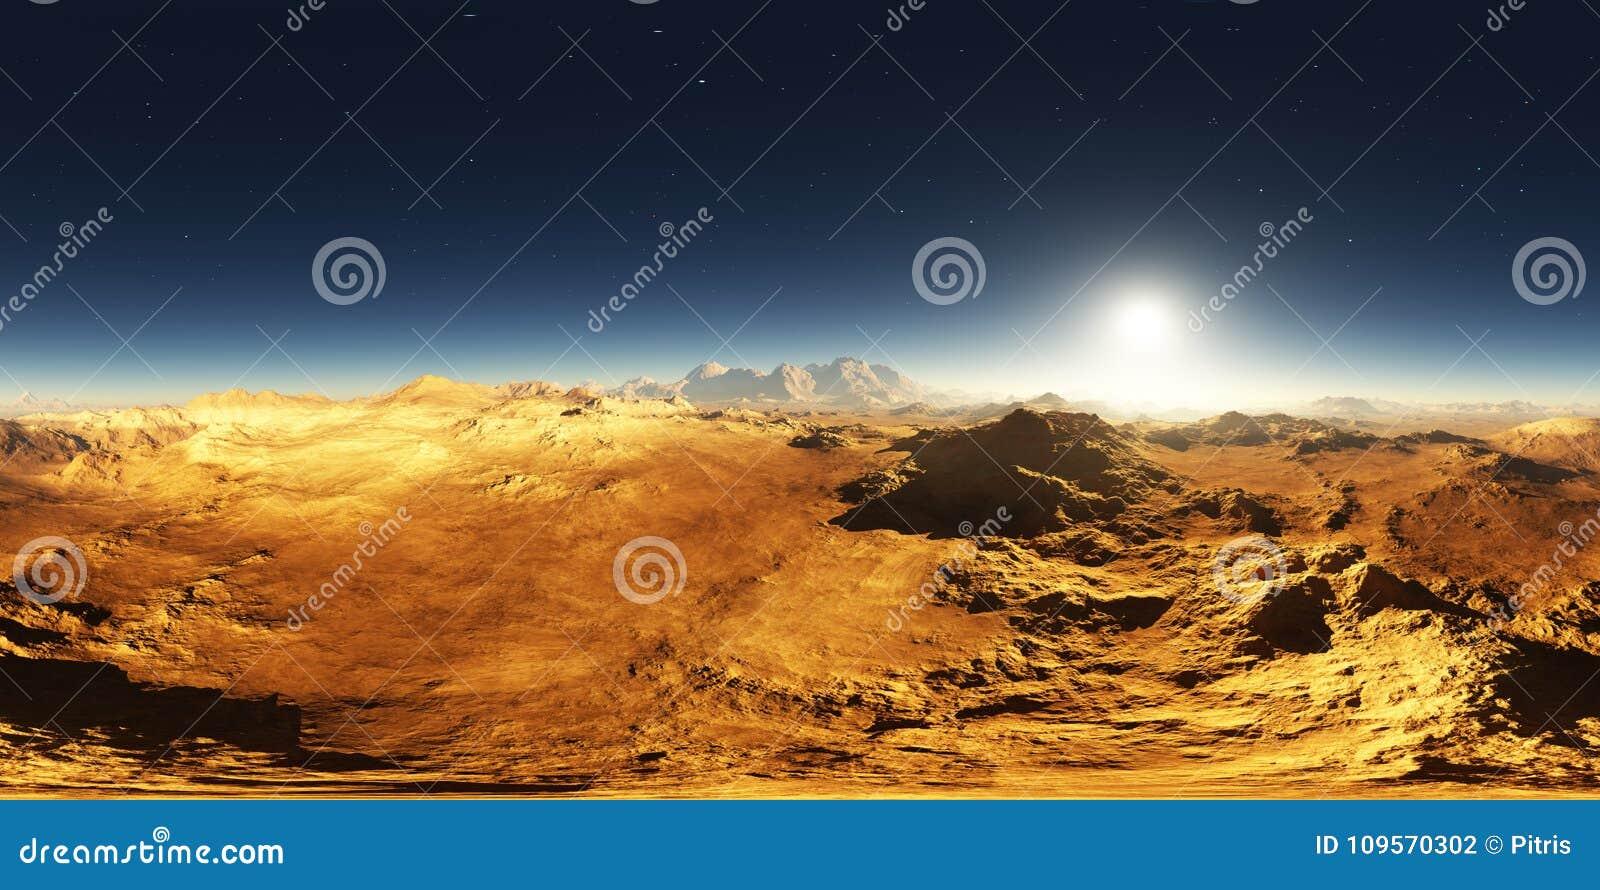 Πανόραμα του ηλιοβασιλέματος του Άρη Αριανό τοπίο, περιβάλλον 360 χάρτης HDRI Προβολή Equirectangular, σφαιρικό πανόραμα